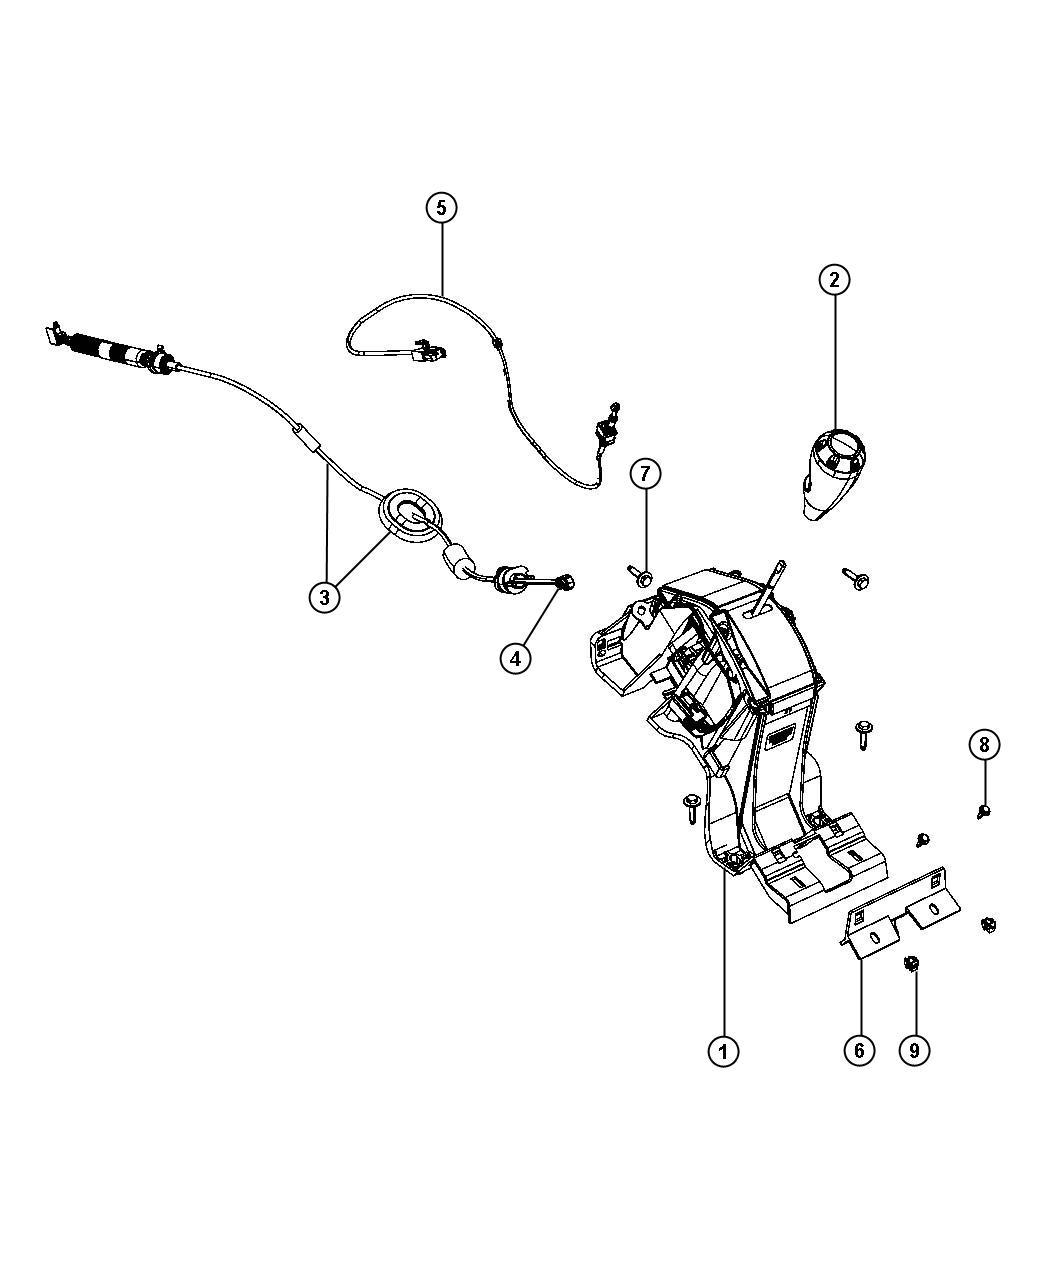 Jeep Compass Sport 4x4 2 4l 4 Cyl Dohc 16v Dual Vvt Contr W Off Rd Crawl Ratio Trans